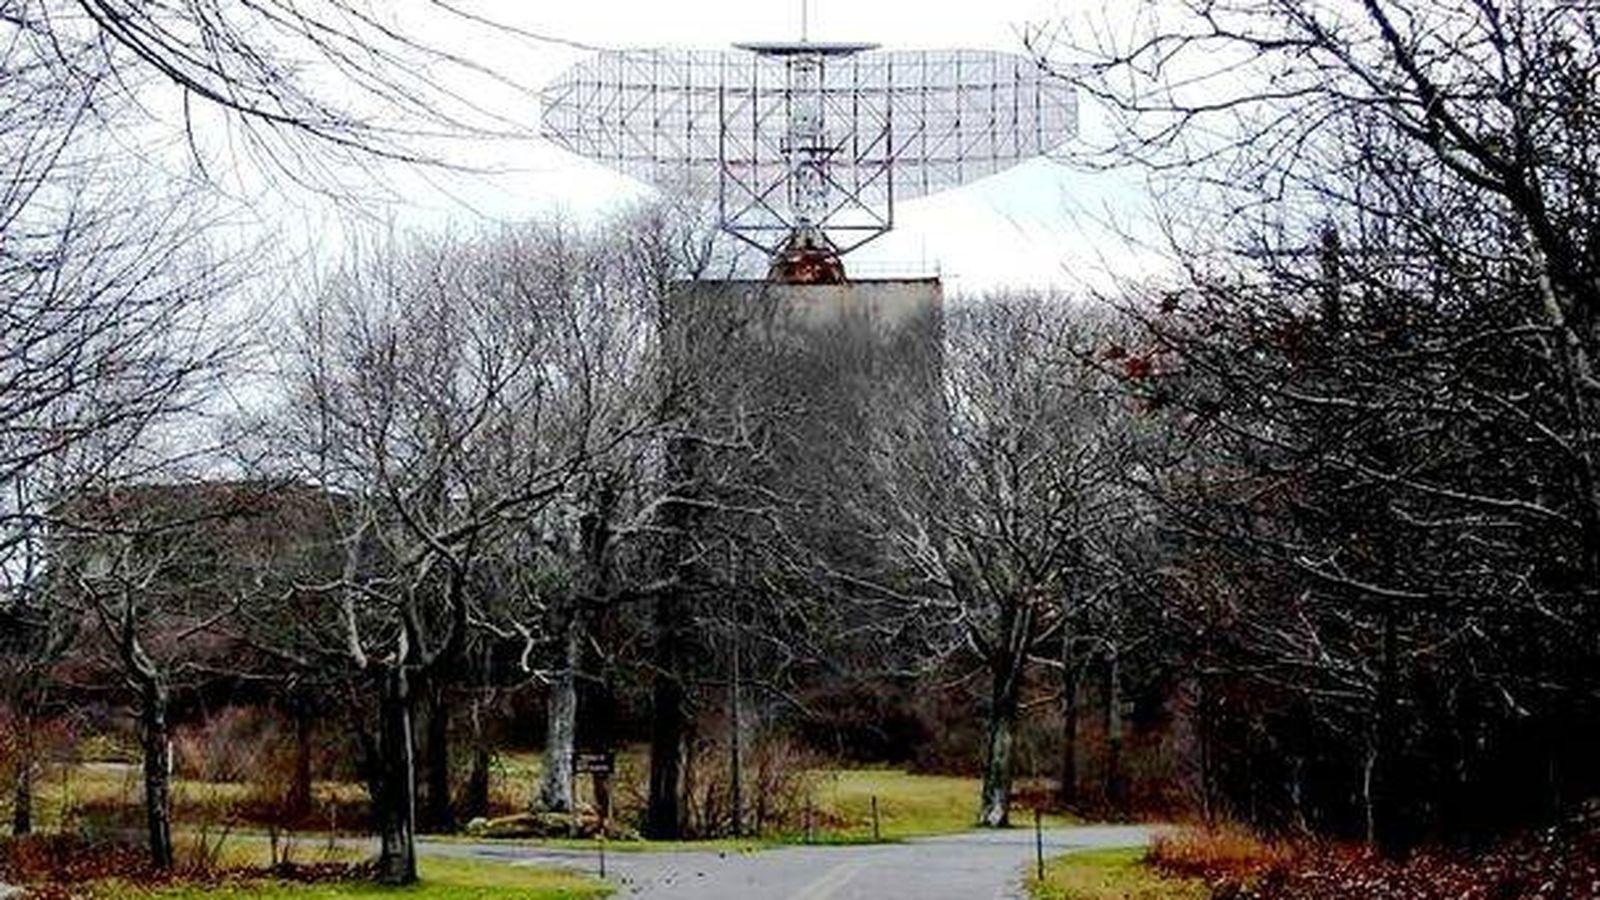 Foto: Las instalaciones cuentan con una enorme parabólica para labores de vigilancia. (Wikimedia Commons)